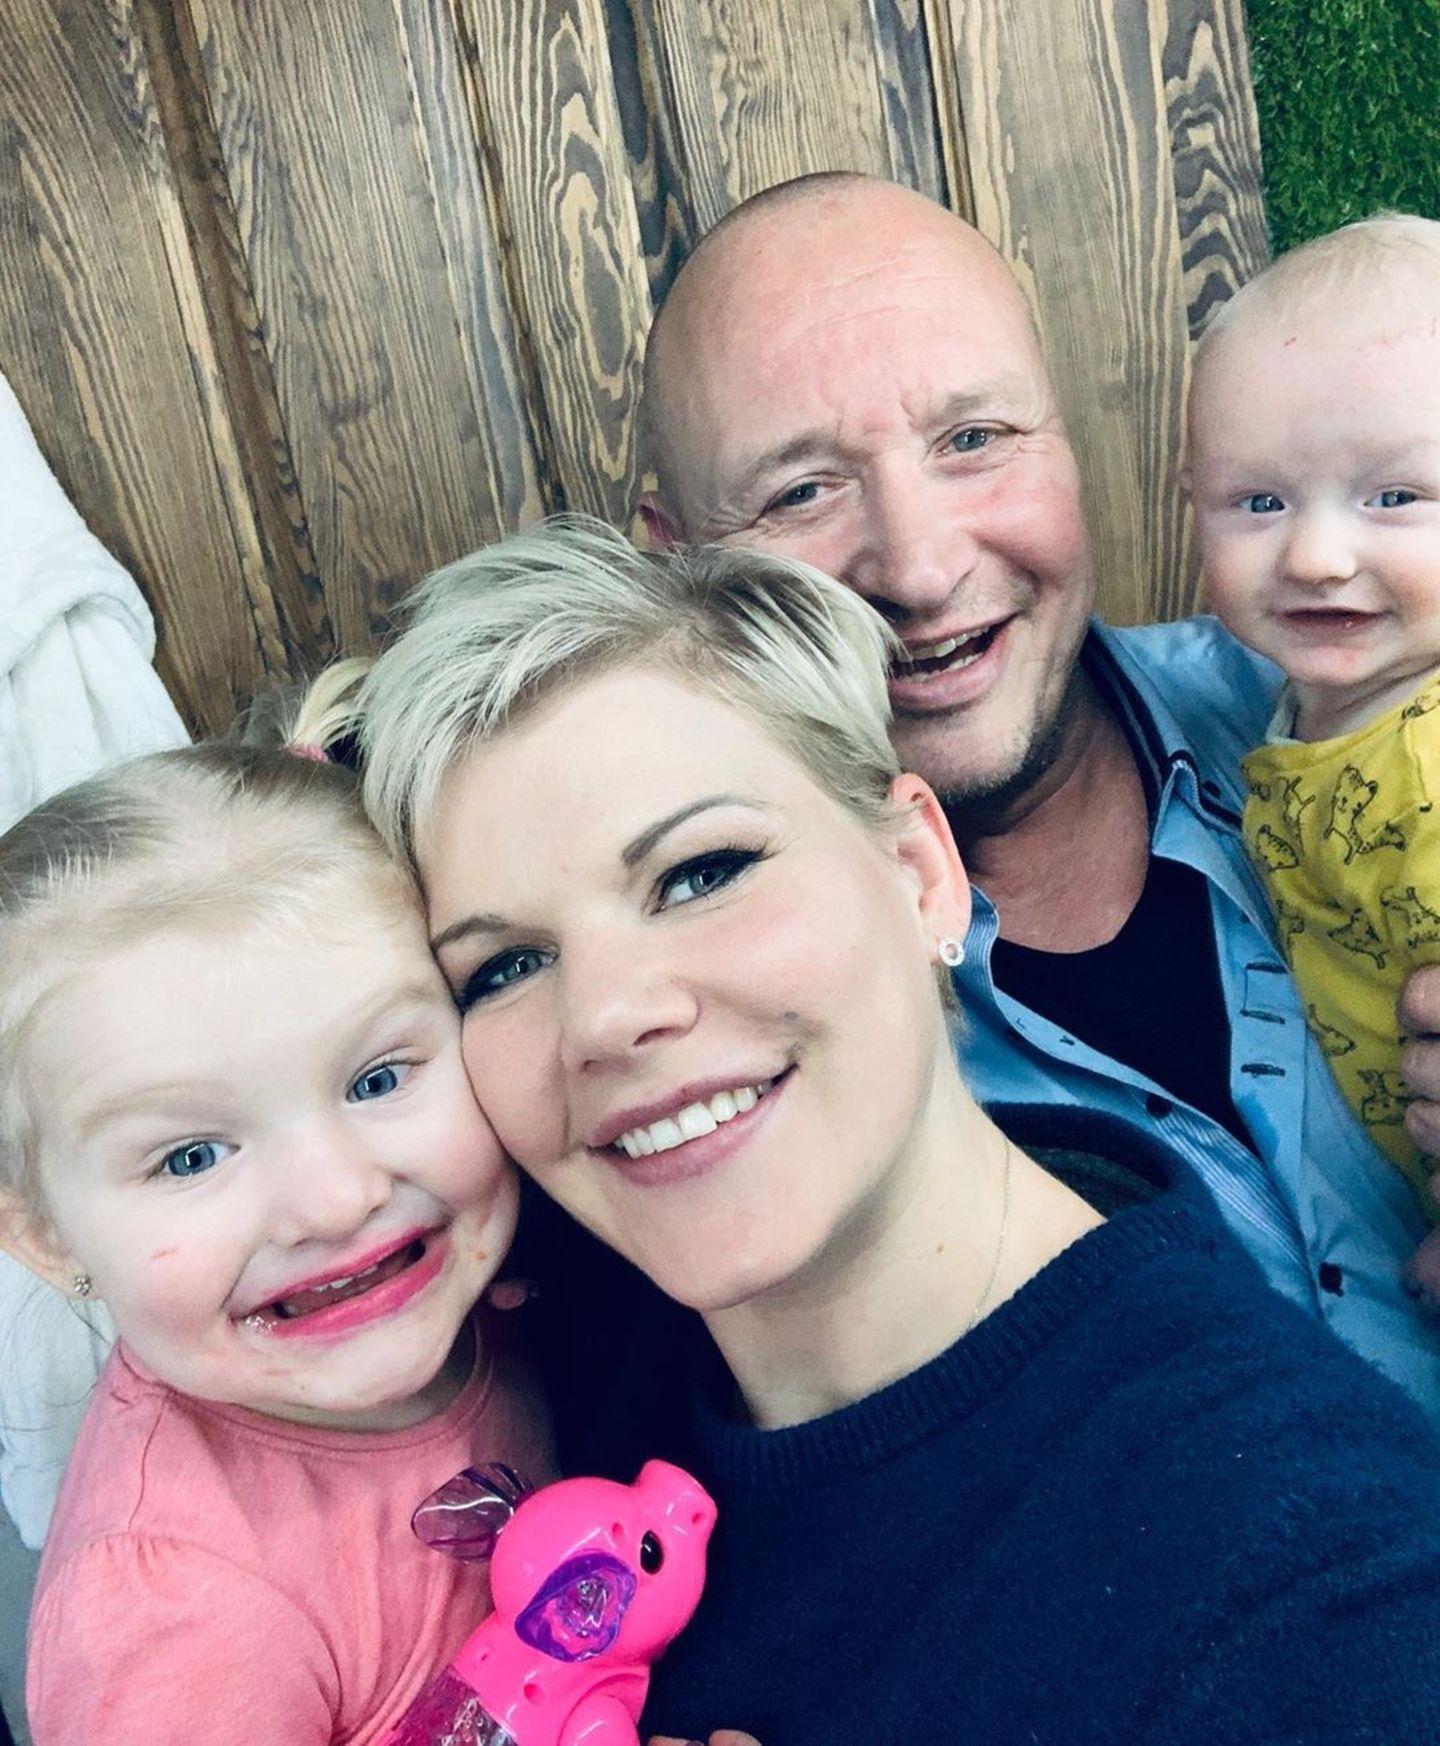 Kurz vorm Durchdrehen in der heimischen Quarantäne ist Ex-Bachelor-Kandidatin Melanie Müller. Doch bevor es soweit ist, lächeln Tochter Mia Rose, Ehemann Mike Blümer und Söhnchen Matty noch einmal in die Kamera.